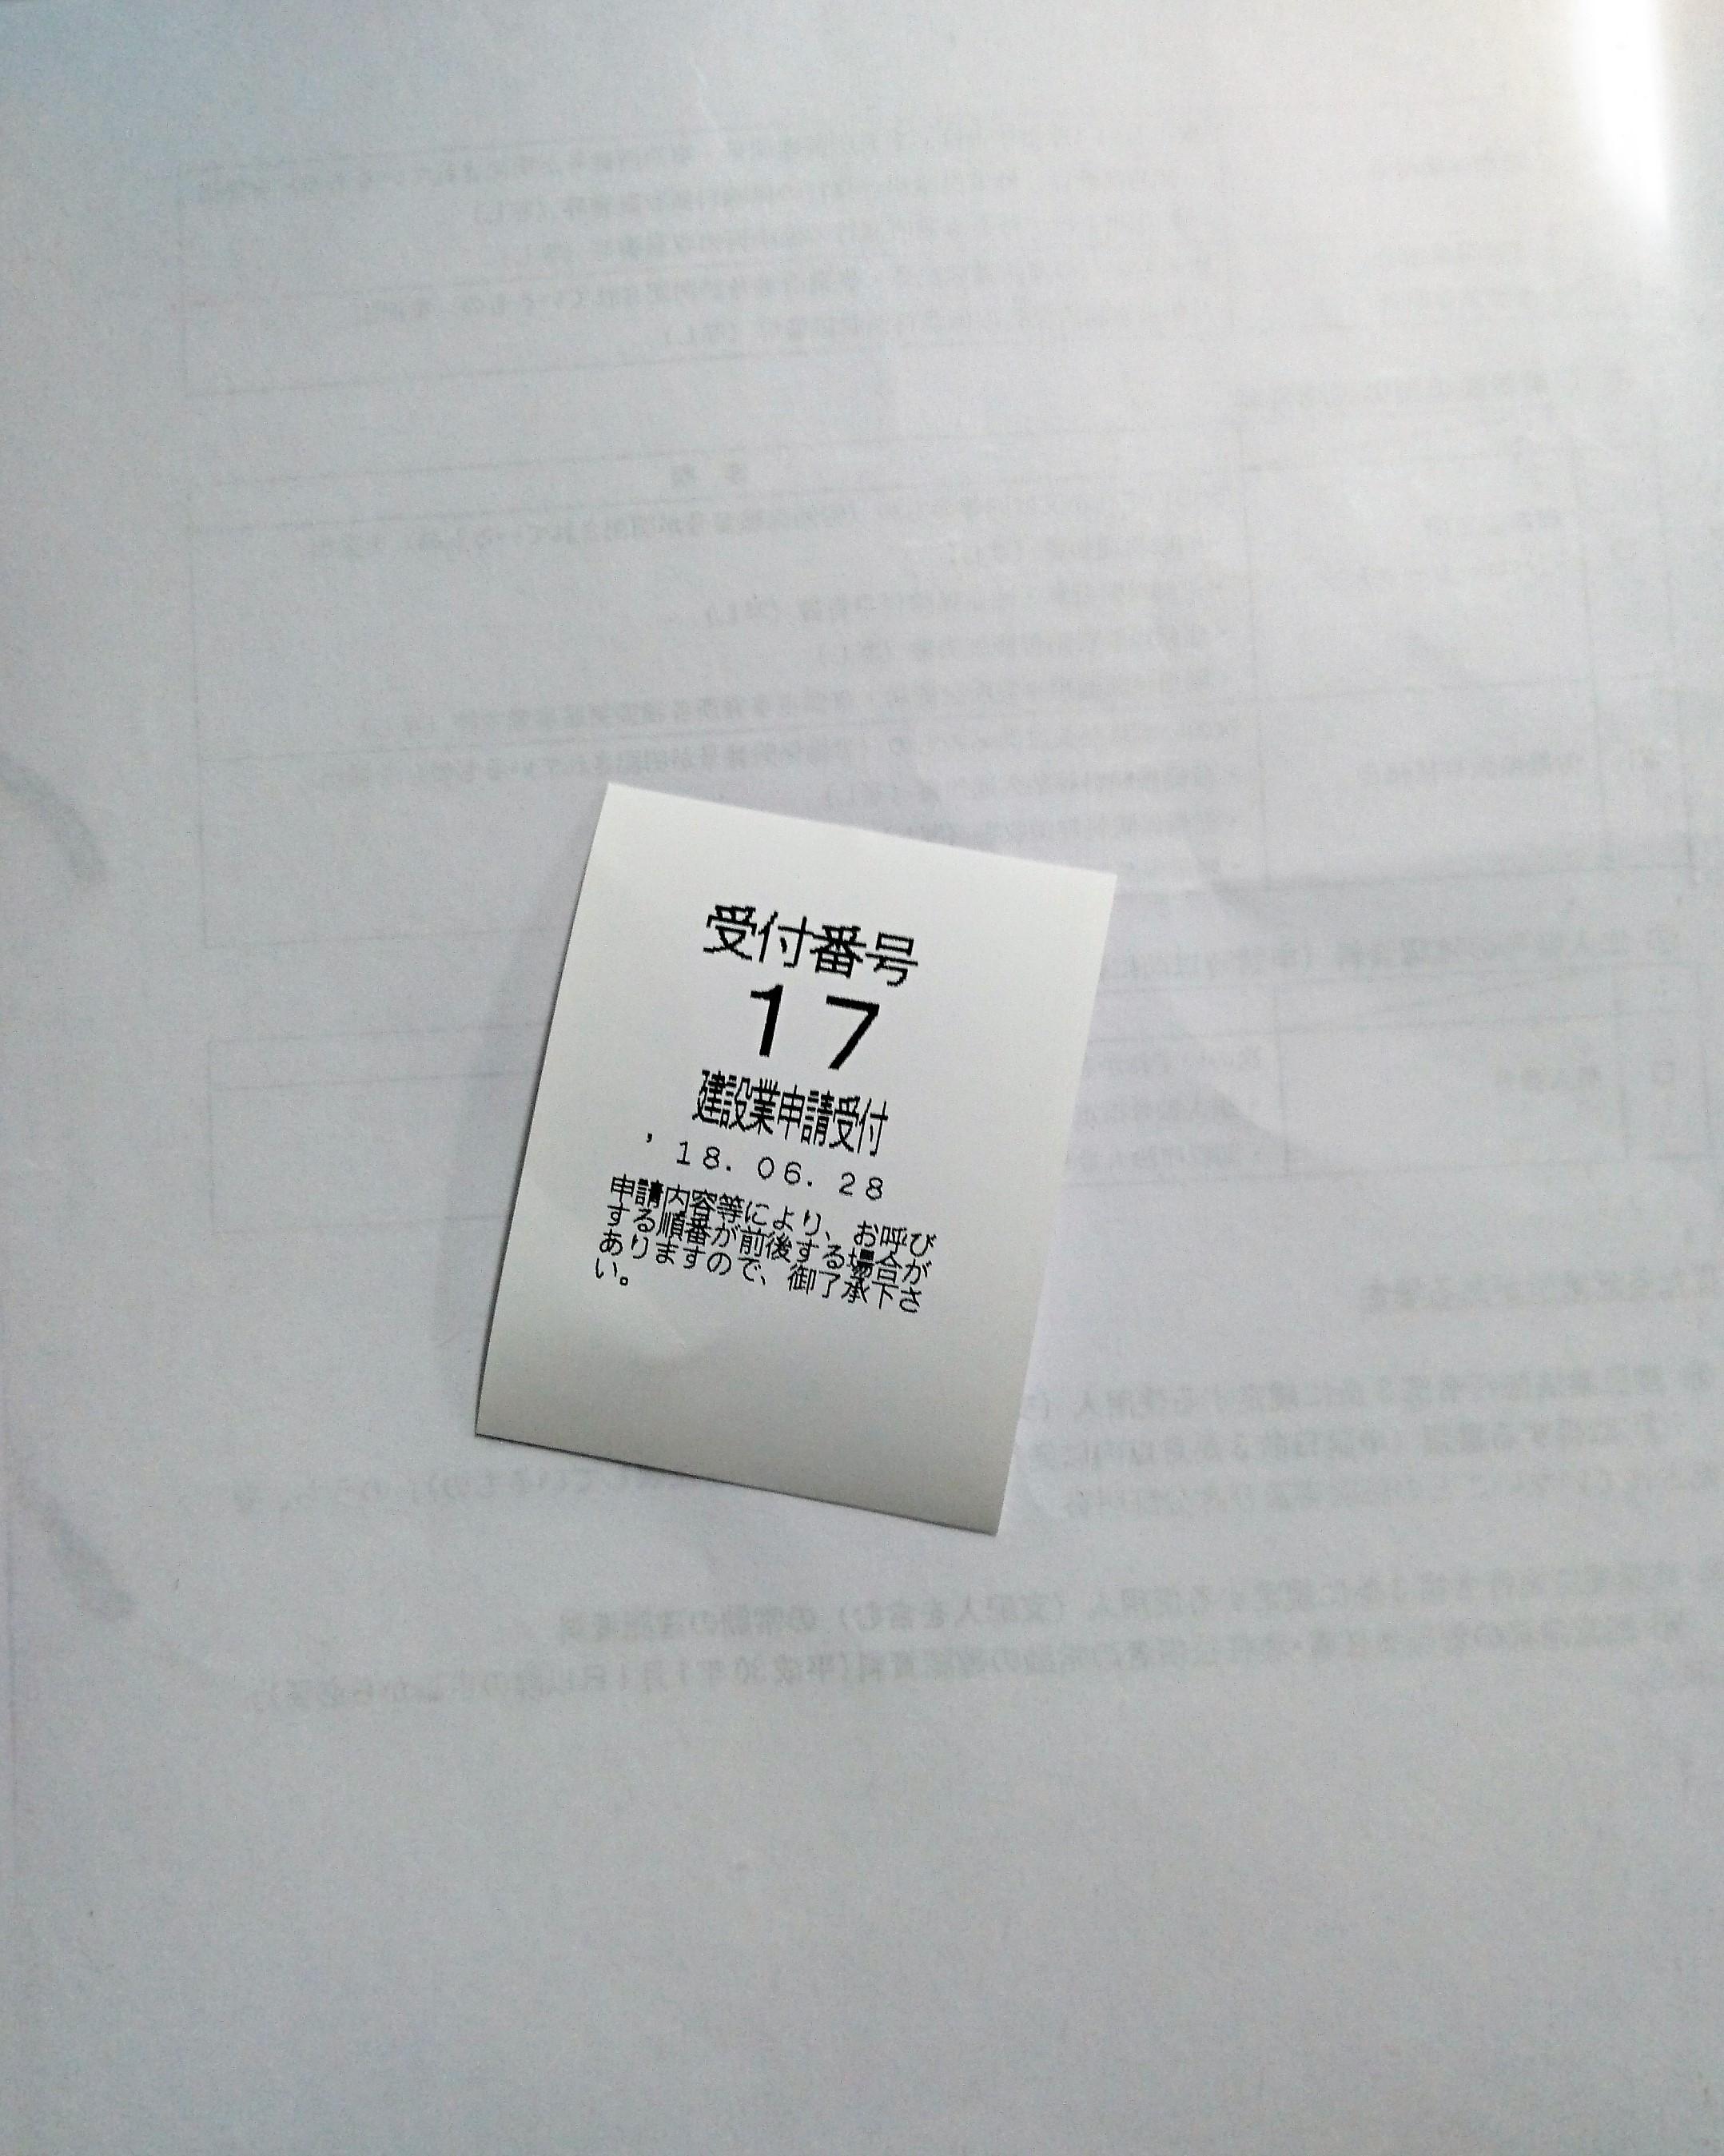 埼玉県建設業窓口の番号札です。受付の方が手渡してくださいます。